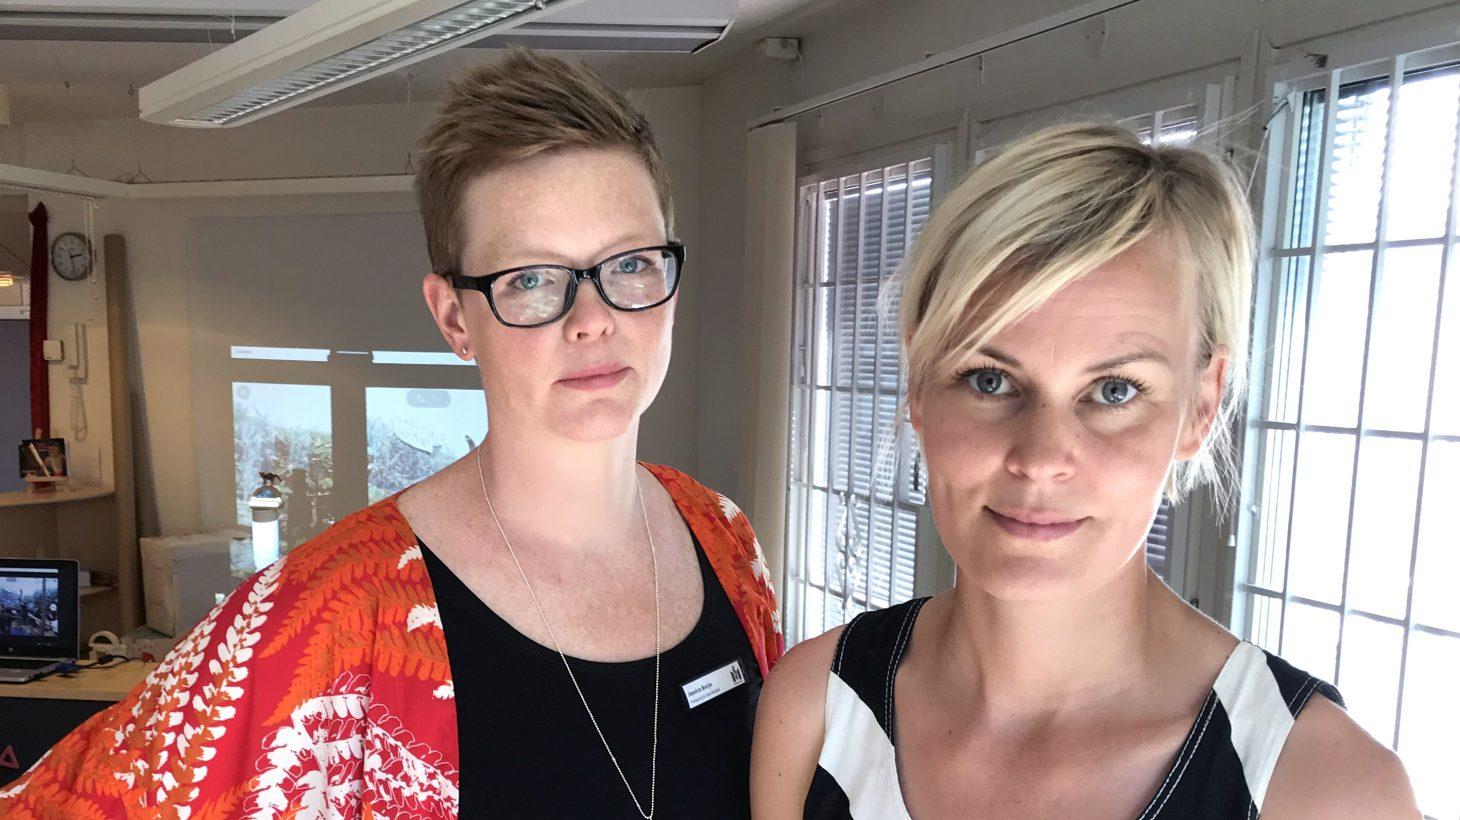 Jessica Borjo, teamledare i Pedagogiska utvecklingsteamet i område Väster, och Jenny Leyman, utvecklingspedagog i utbildningsområde Väster.